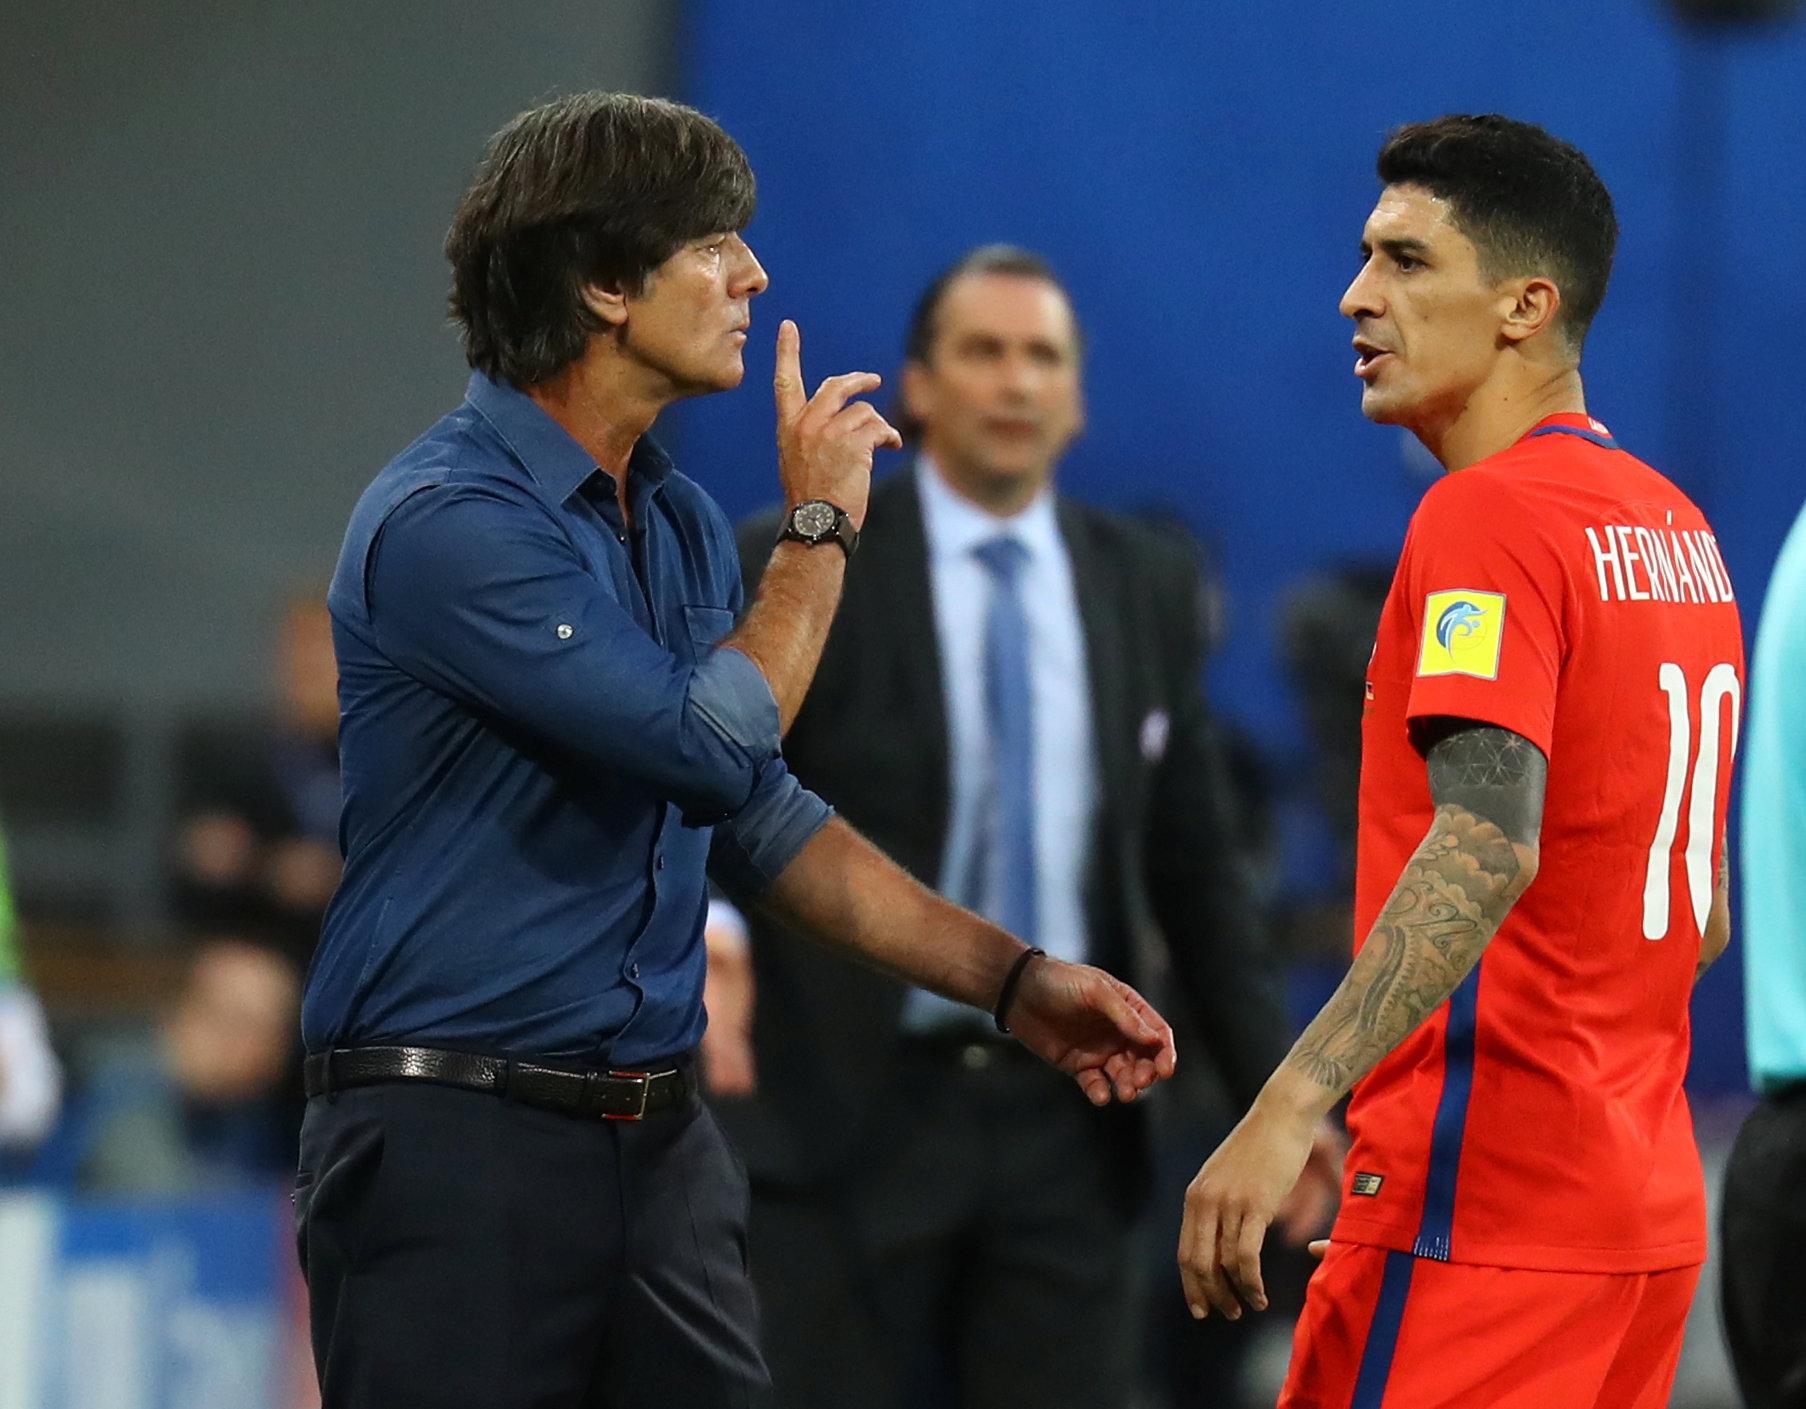 Un cruce entre el entrenador alemán Joachim Low y el chileno Pablo Hernandez (Reuters)